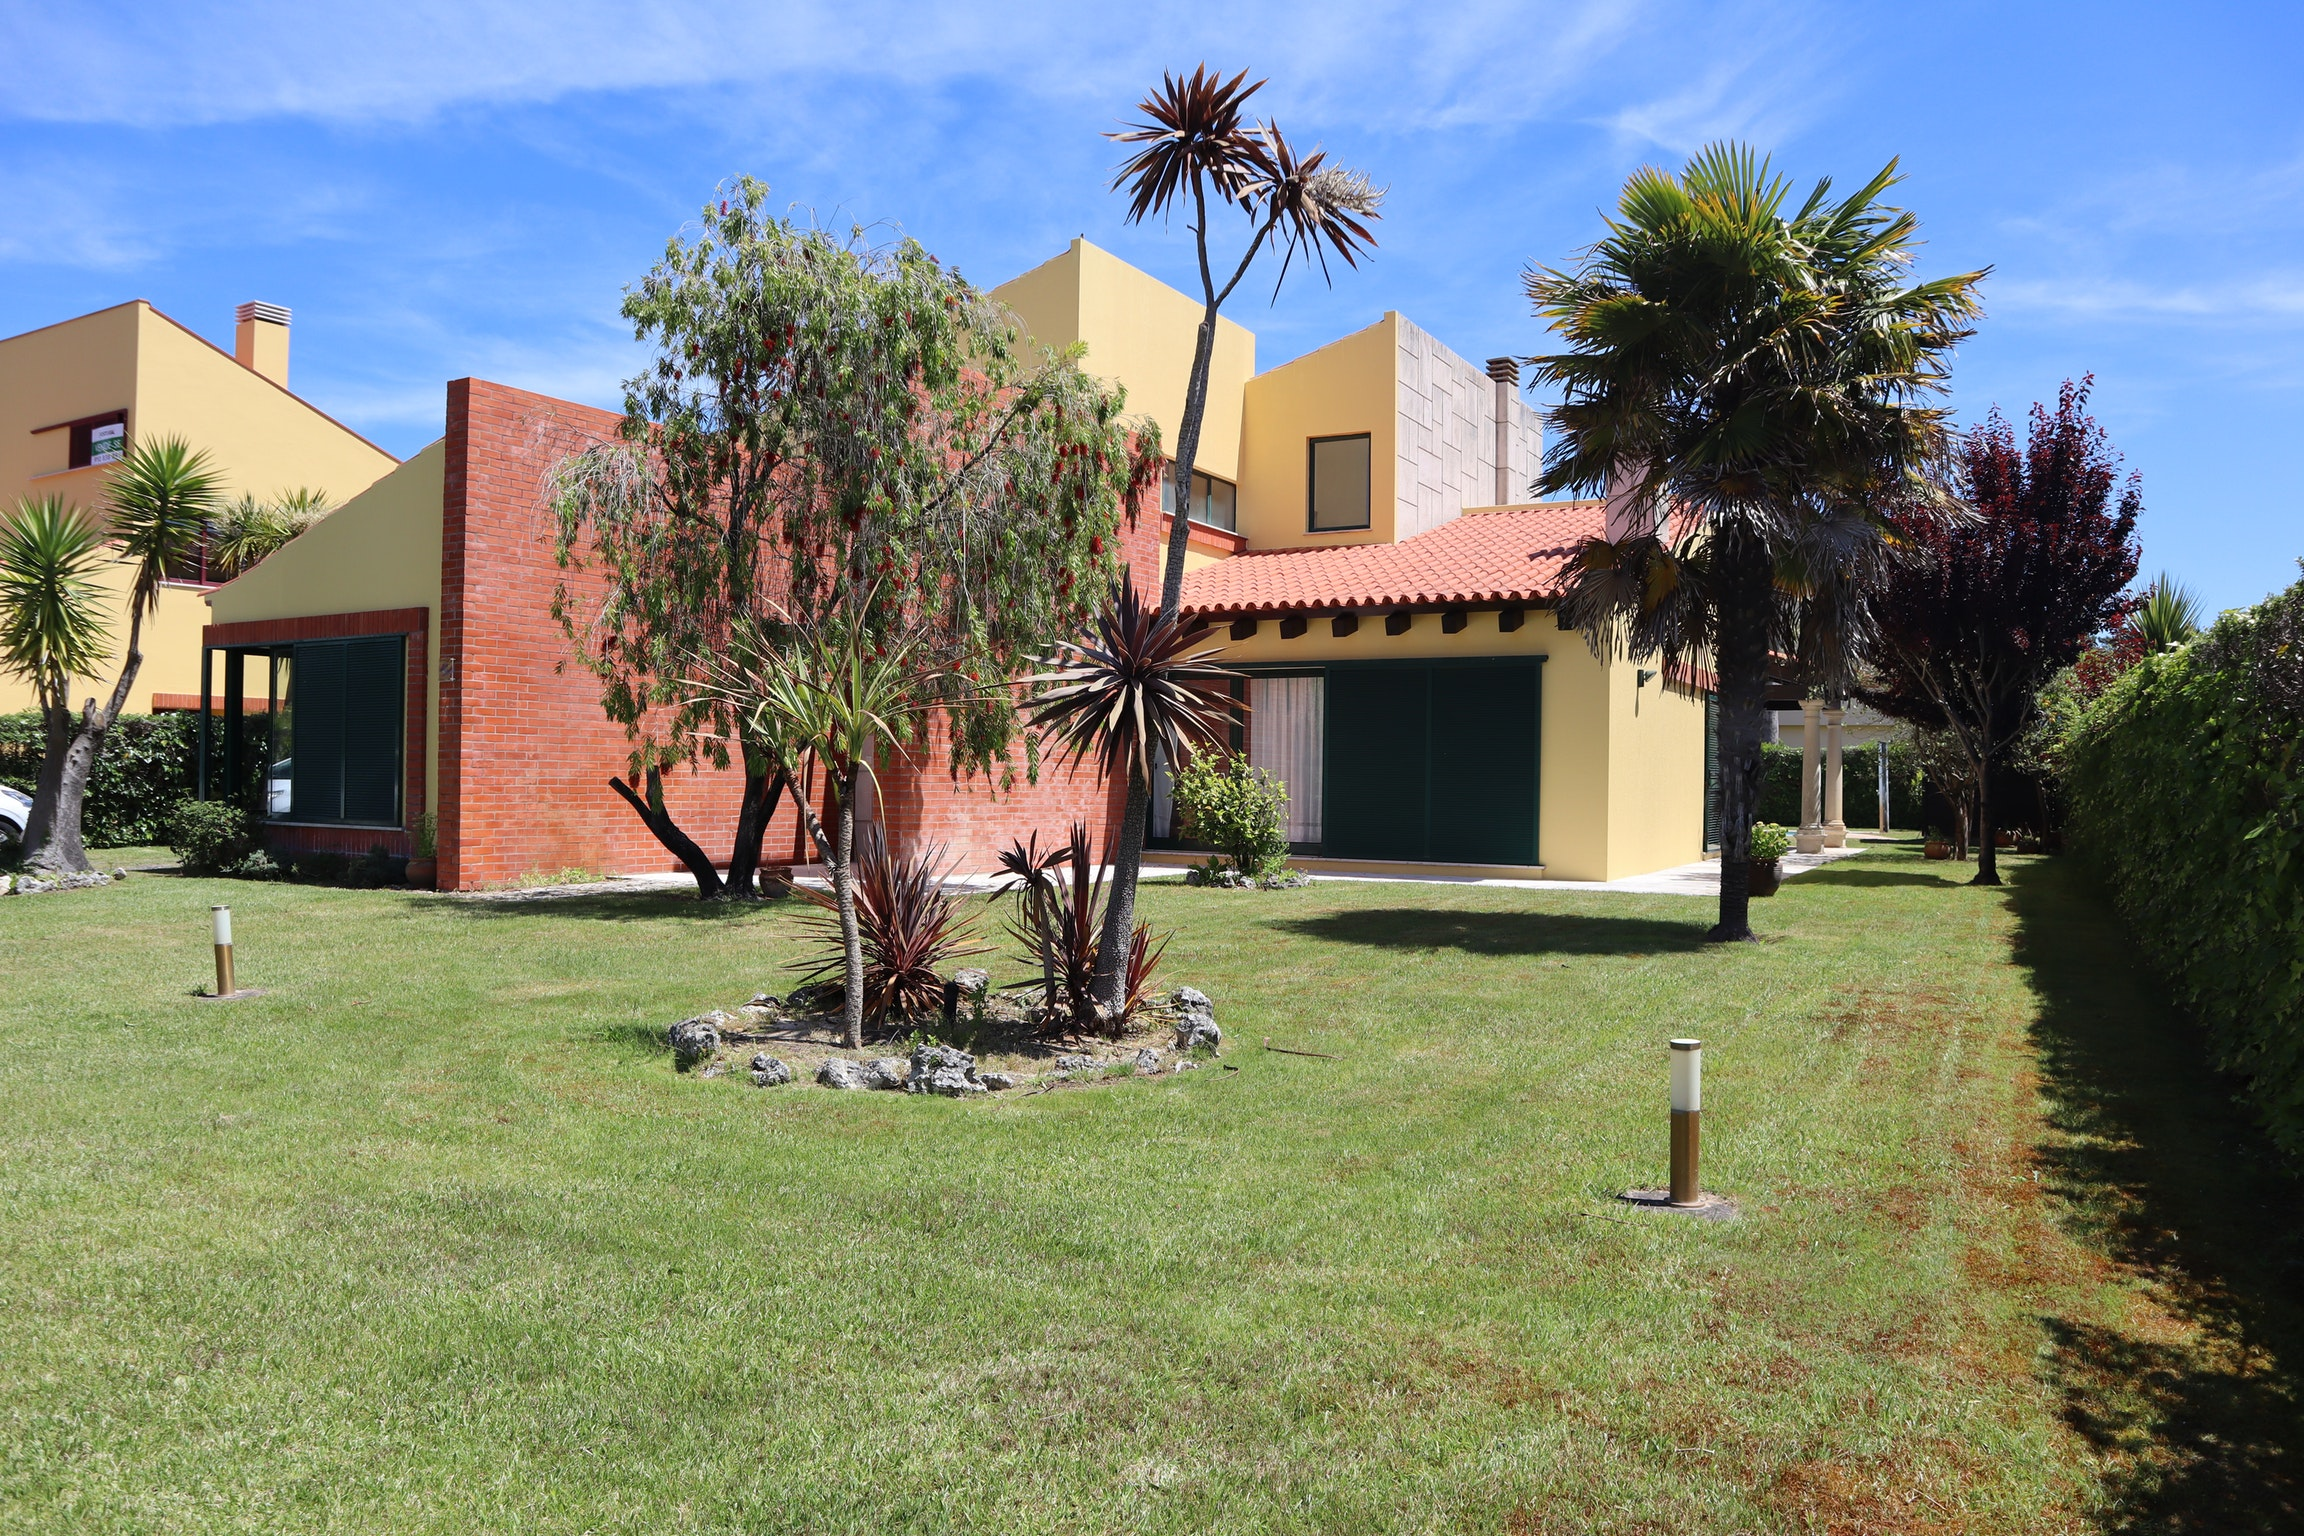 Ferienhaus Villa mit 4 Schlafzimmern in Praia de Mira mit privatem Pool, eingezäuntem Garten und W-LA (2623071), Praia de Mira, Costa de Prata, Zentral-Portugal, Portugal, Bild 9